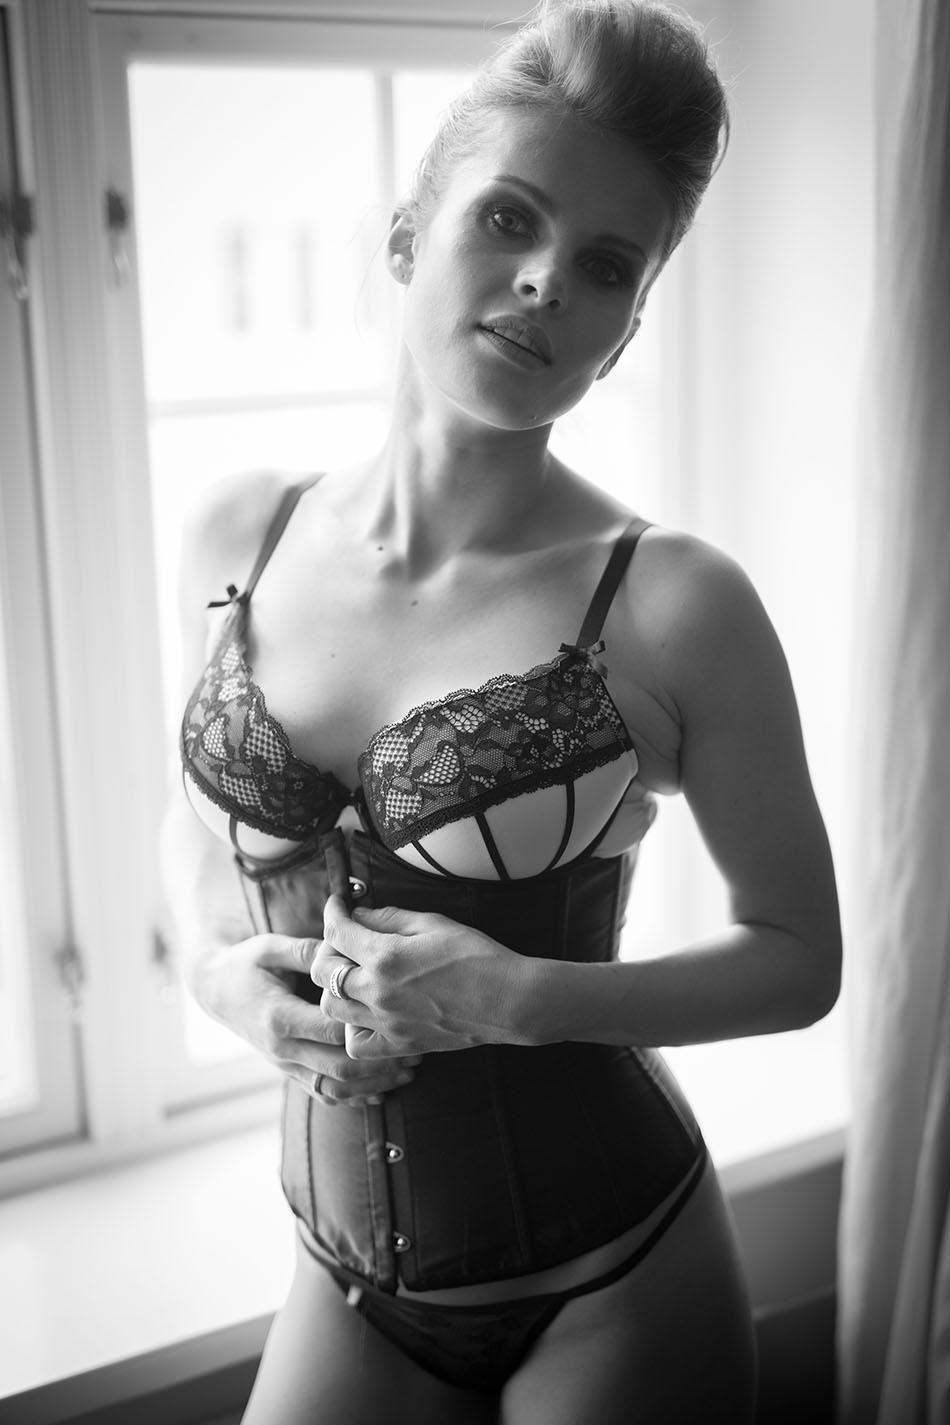 Plnty_1_lingerie_foto_Kristian_Joraandstad_2016